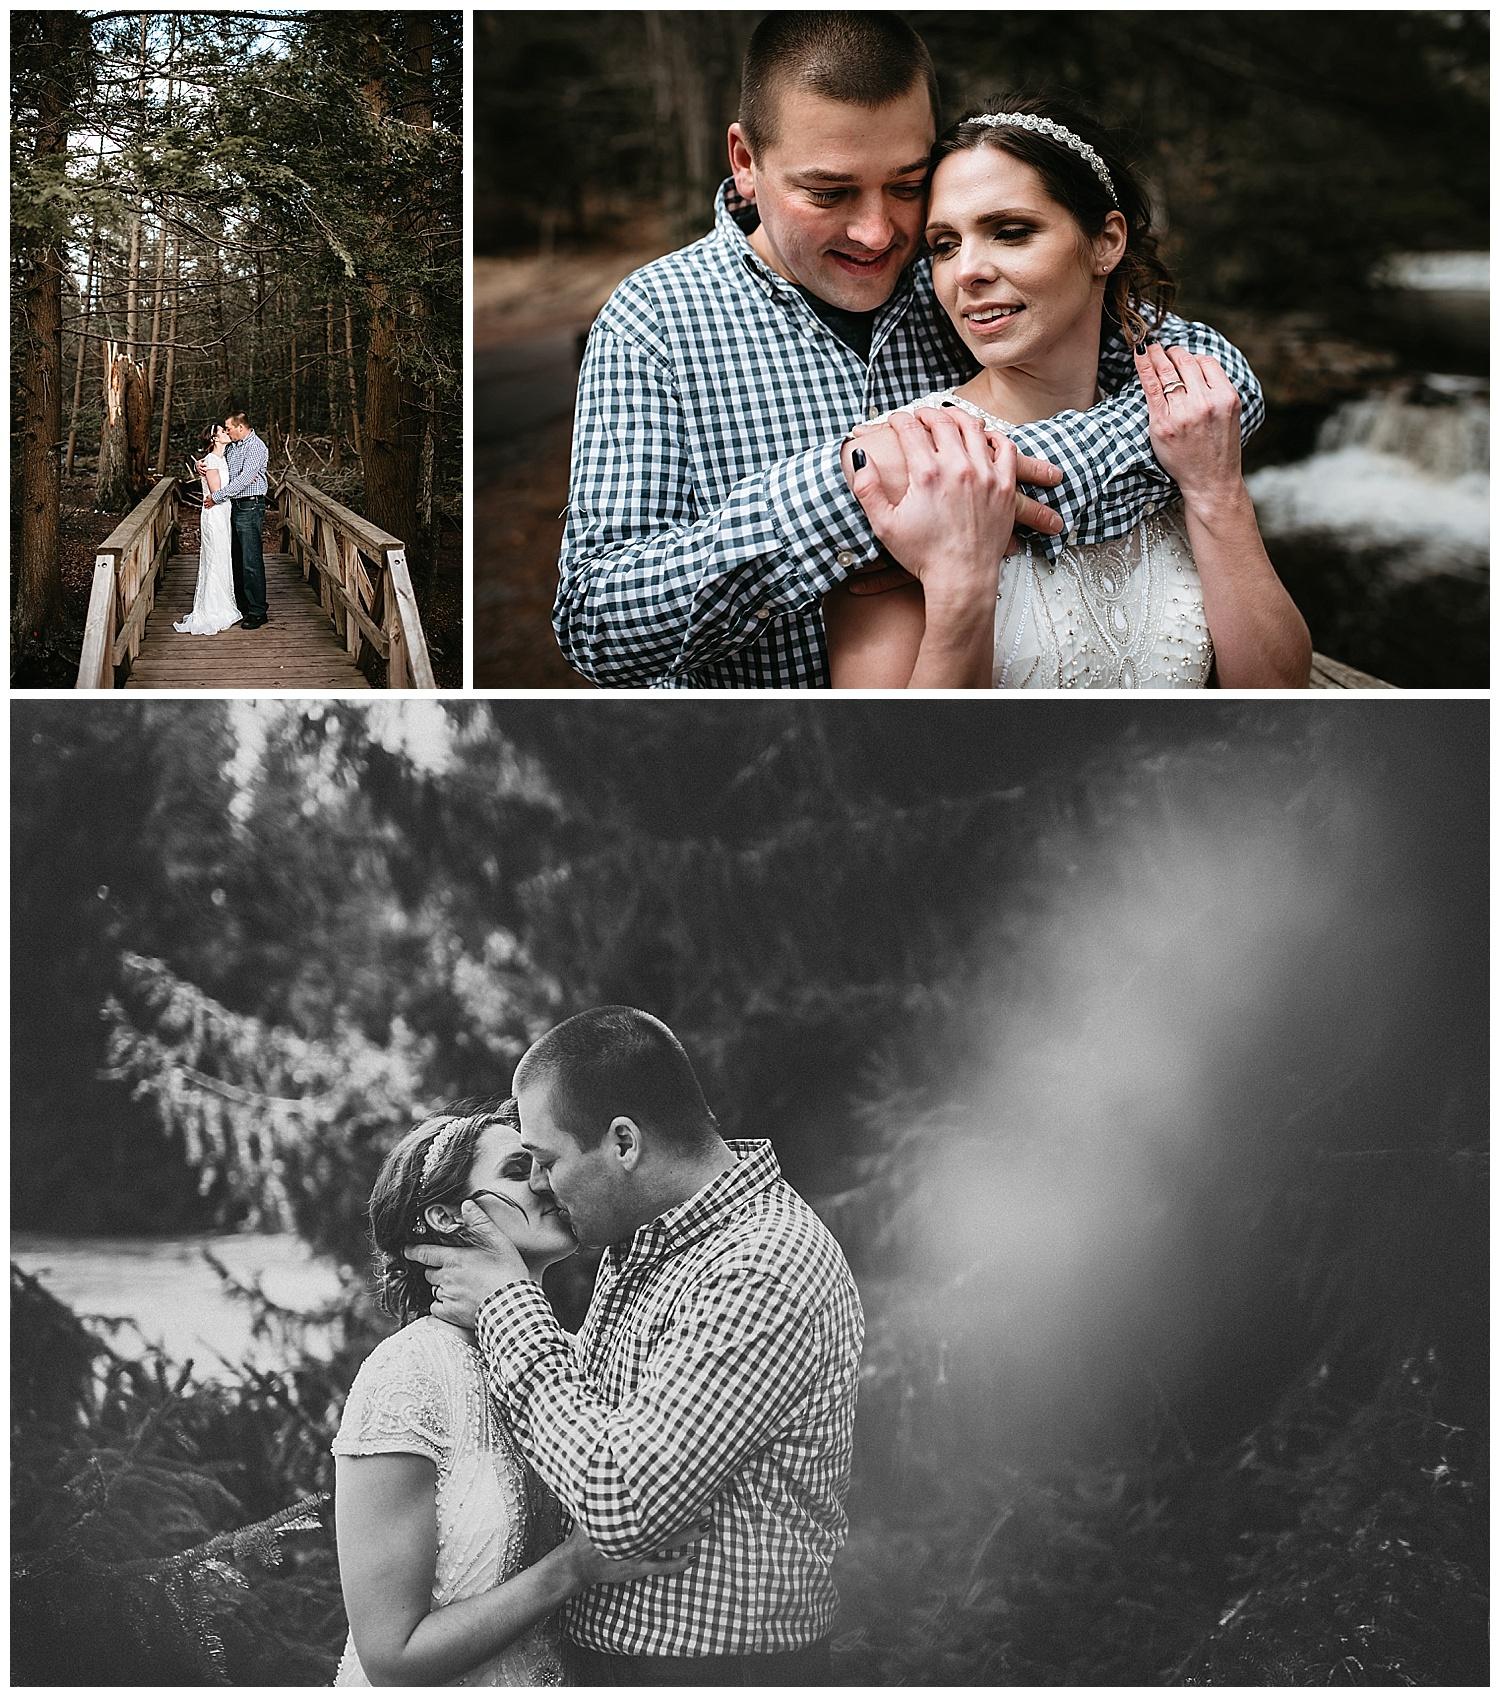 NEPA-Wedding-Engagement-photographer-hickory-run-state-park-hawk-falls-elopement_0026.jpg